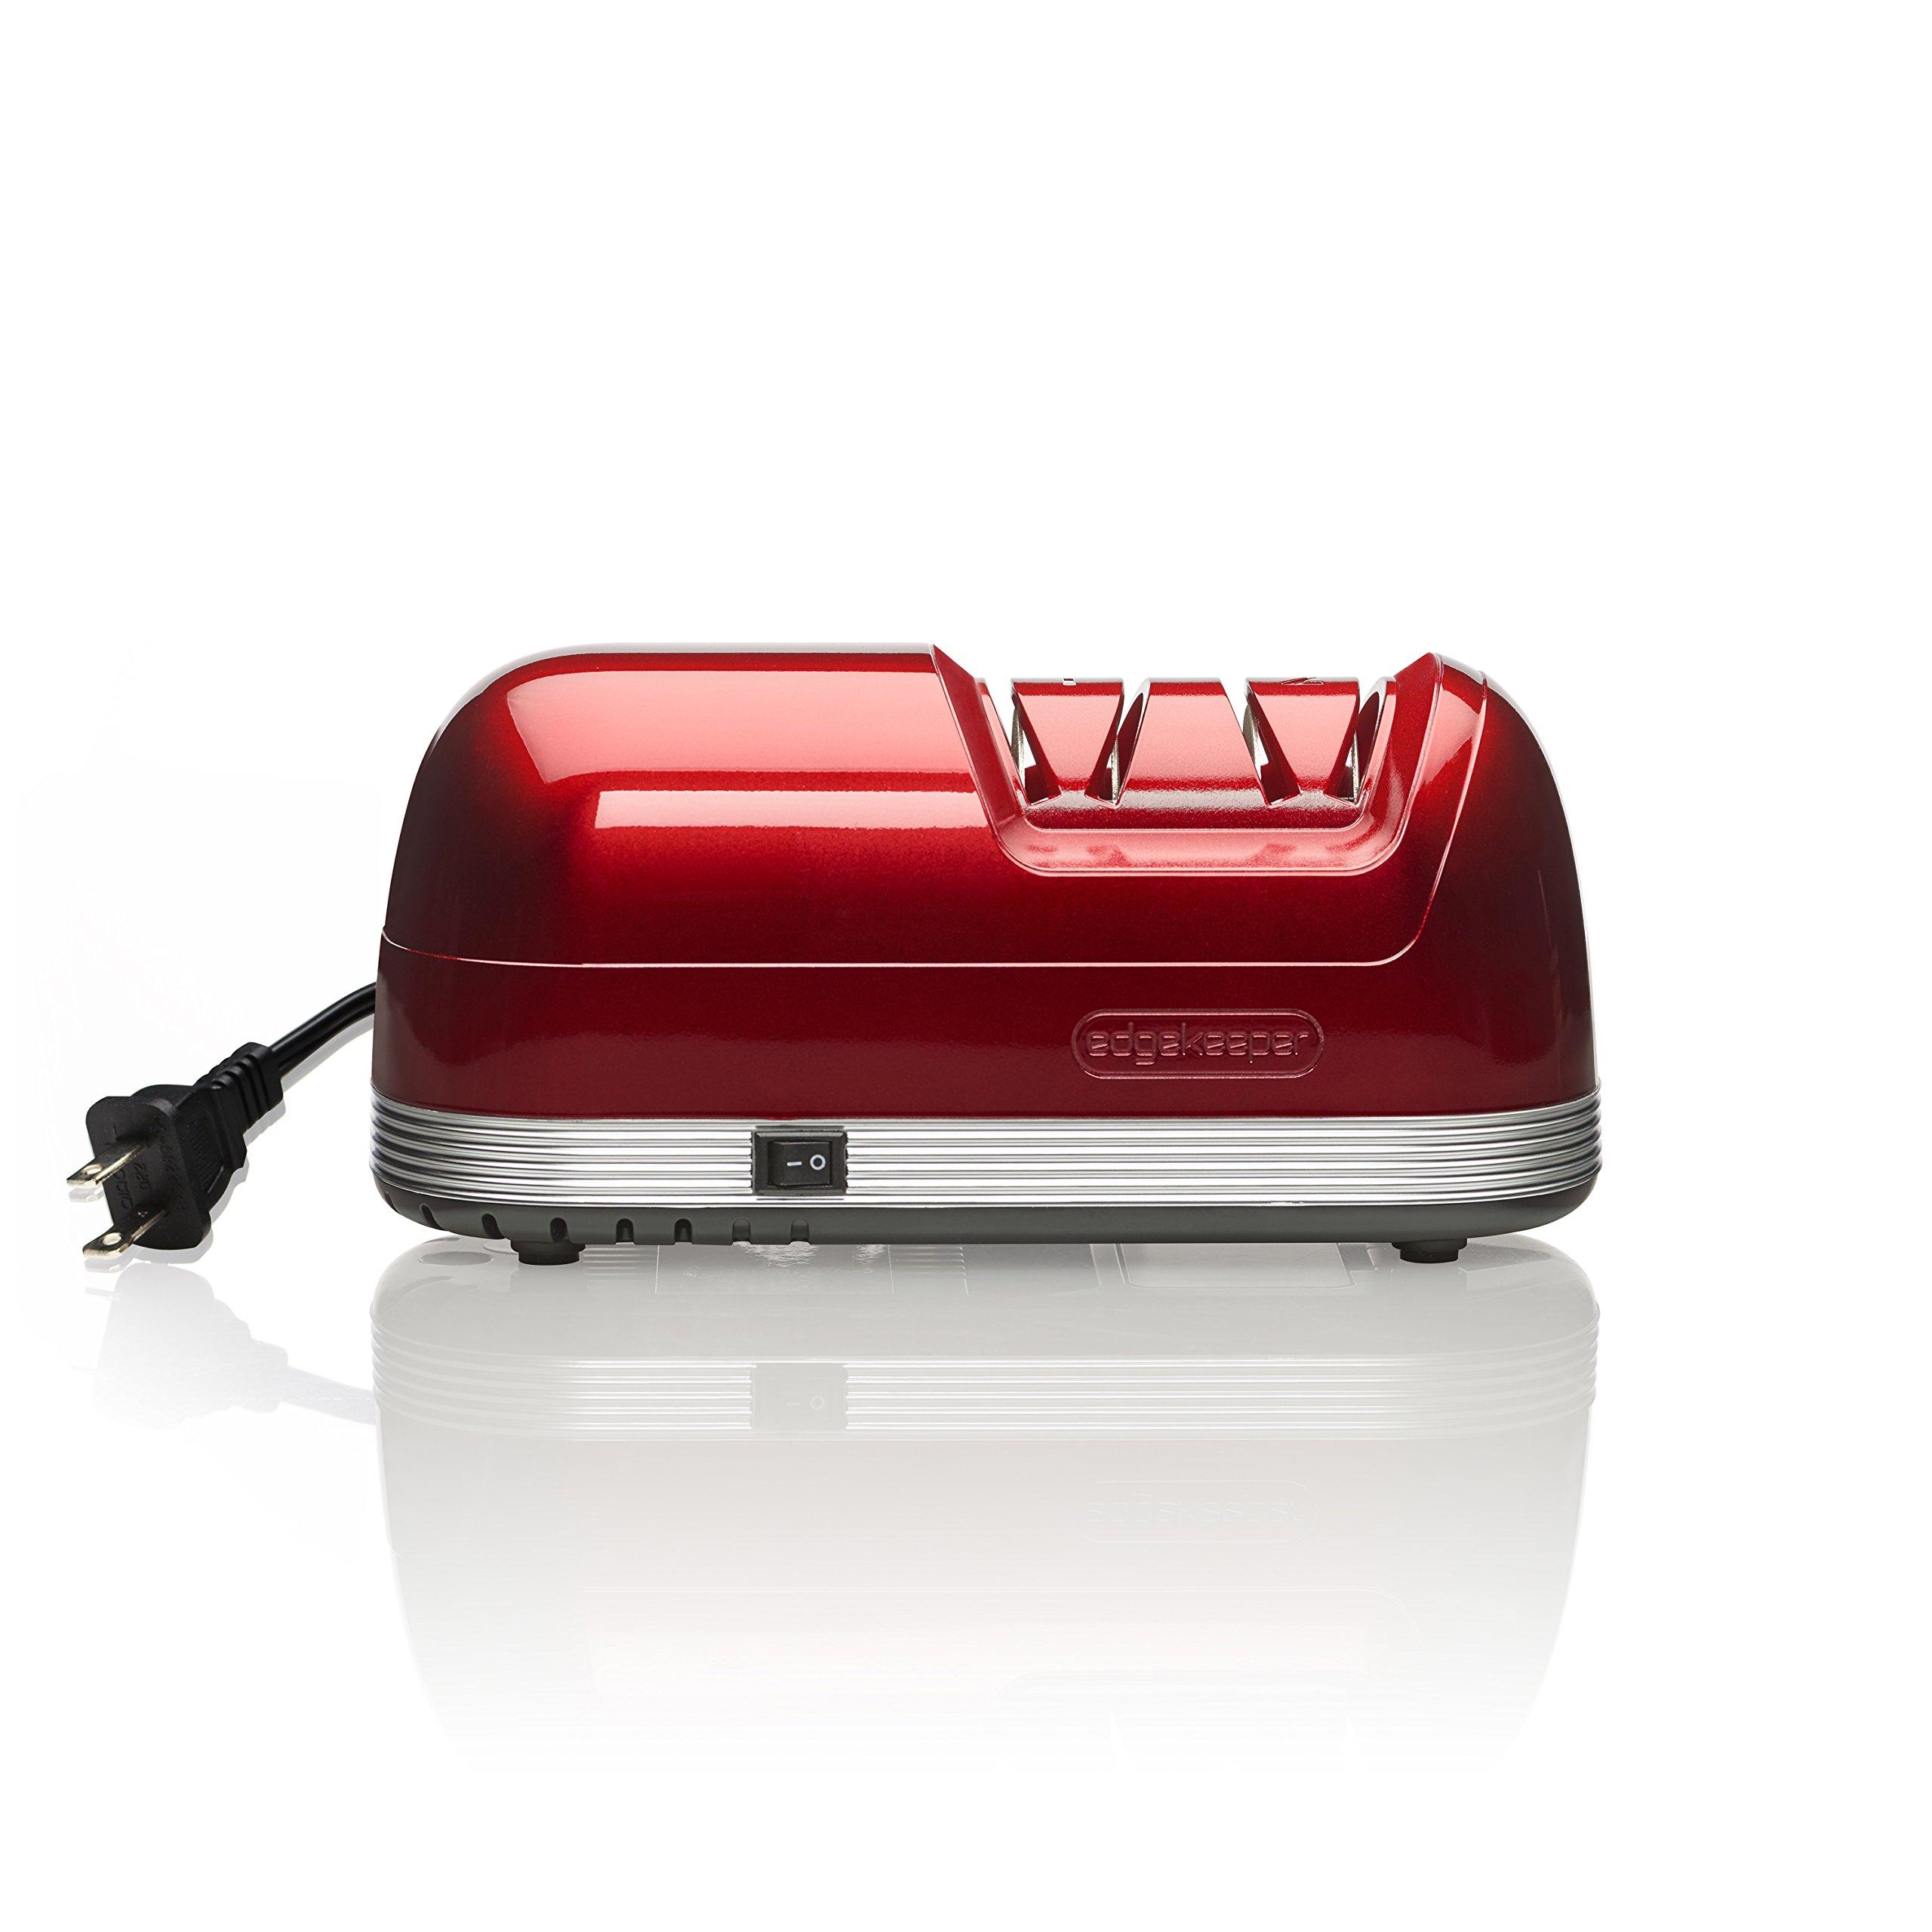 EdgeKeeper Electric Knife Sharpener, Red by EdgeKeeper